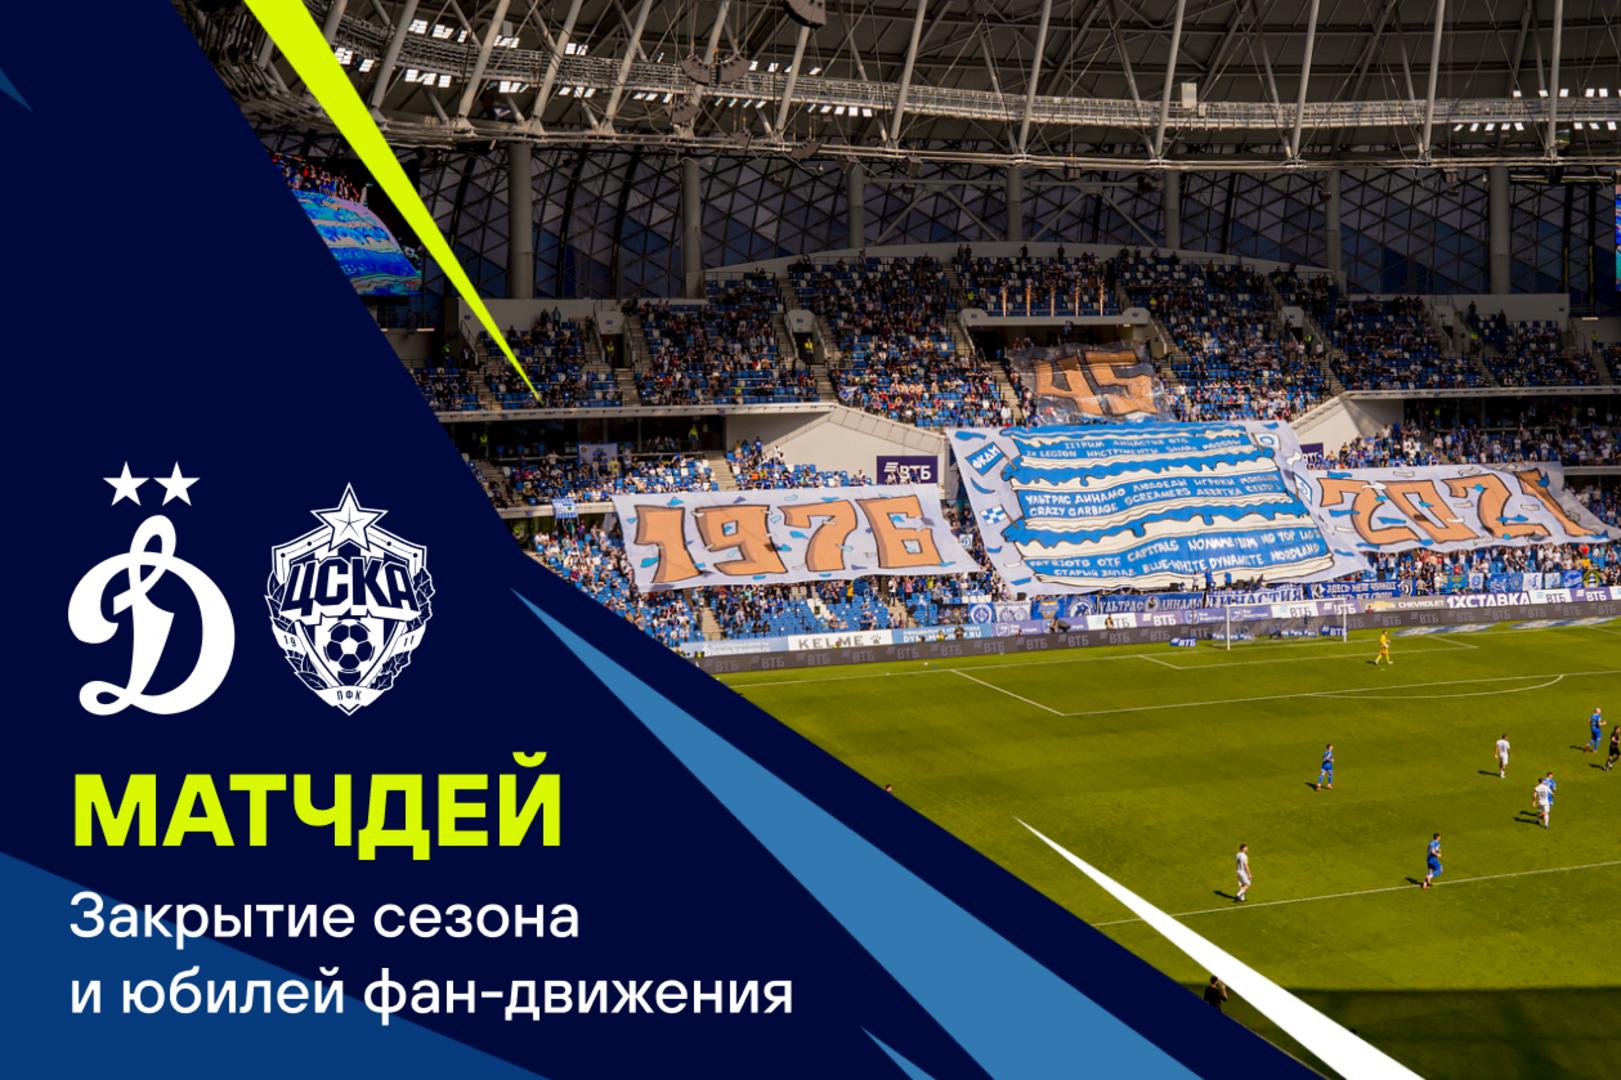 «Матчдей»: закрытие сезона и юбилей фан-движения «Динамо»